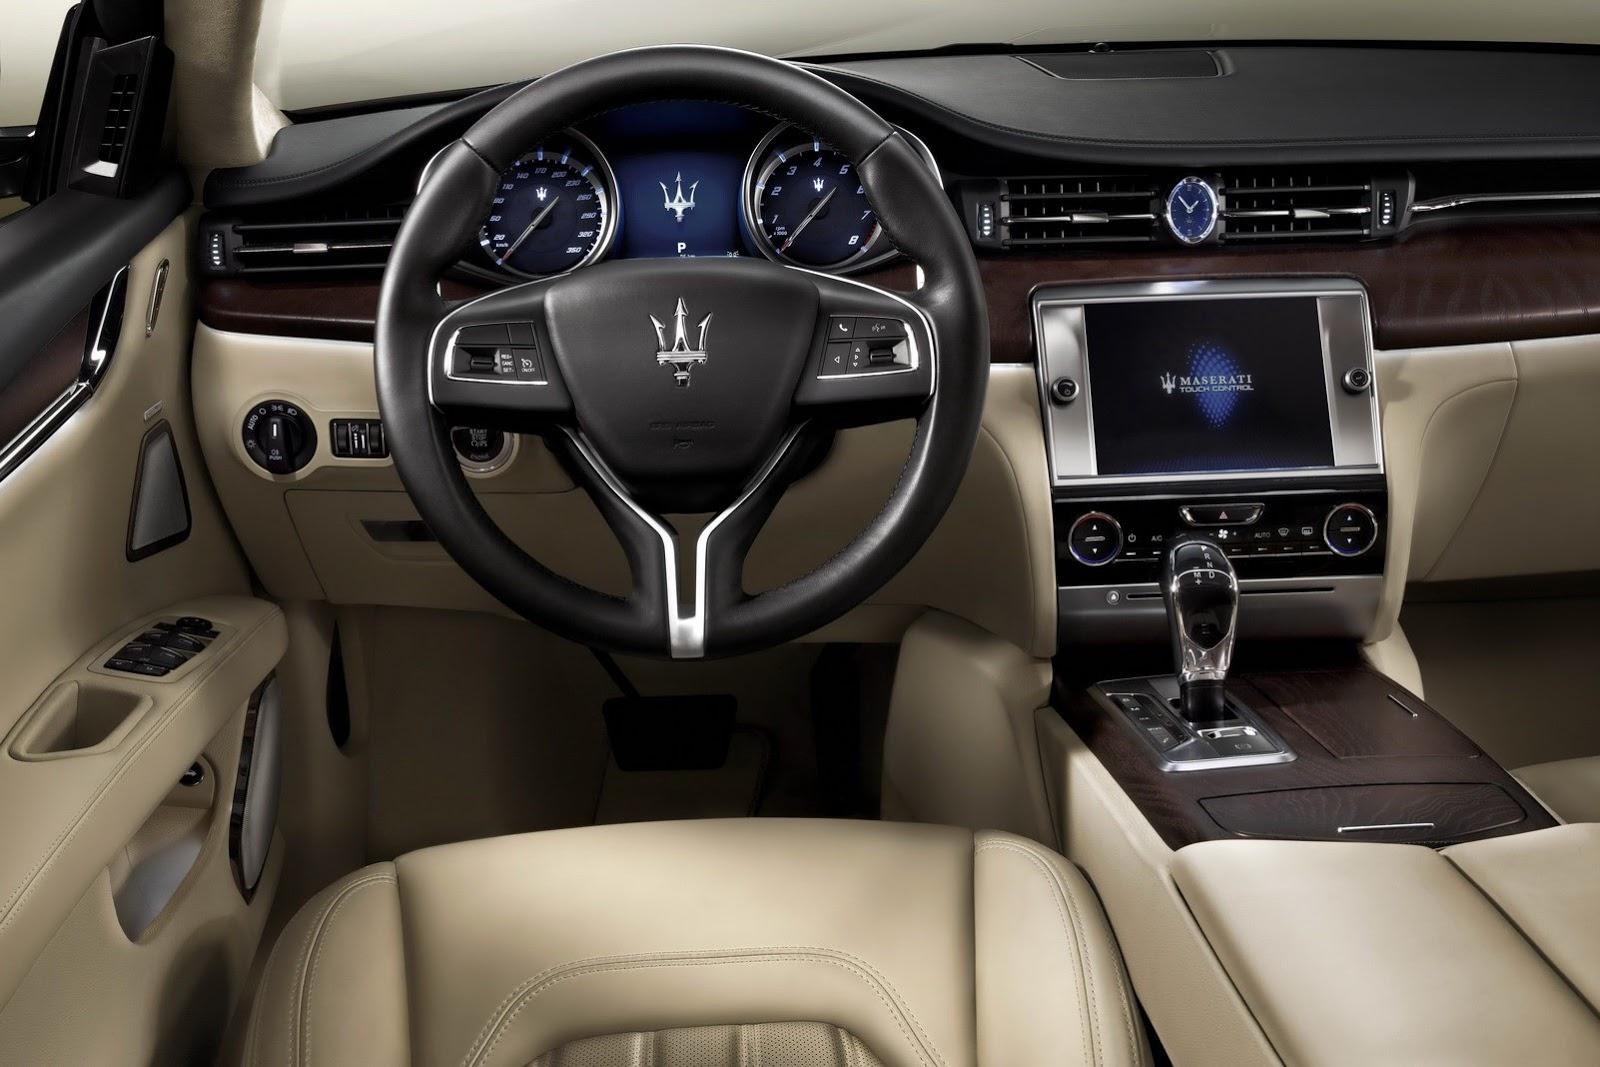 Maserati_Quattroporte_Dashboard